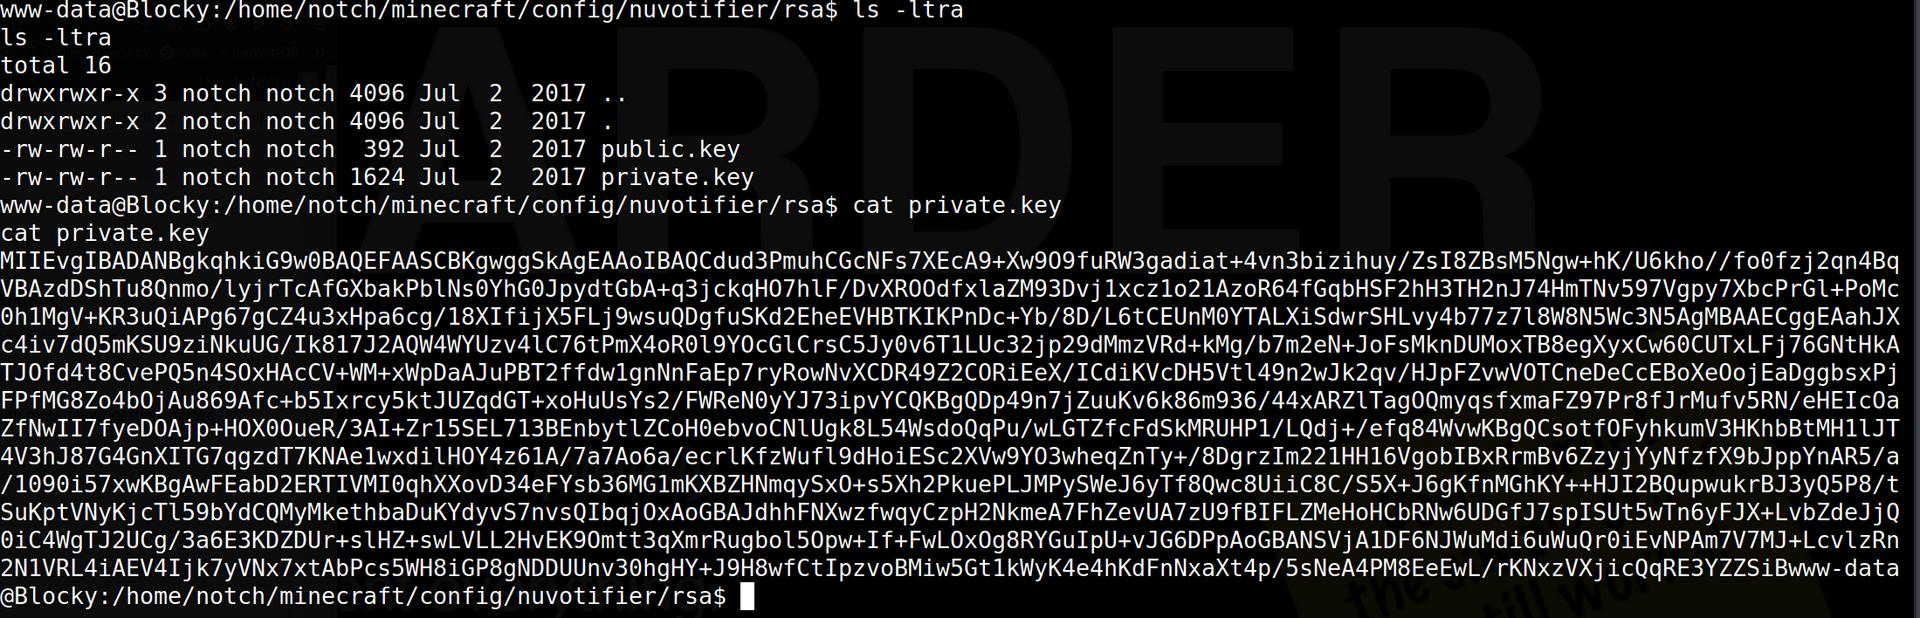 RSA keys for notch